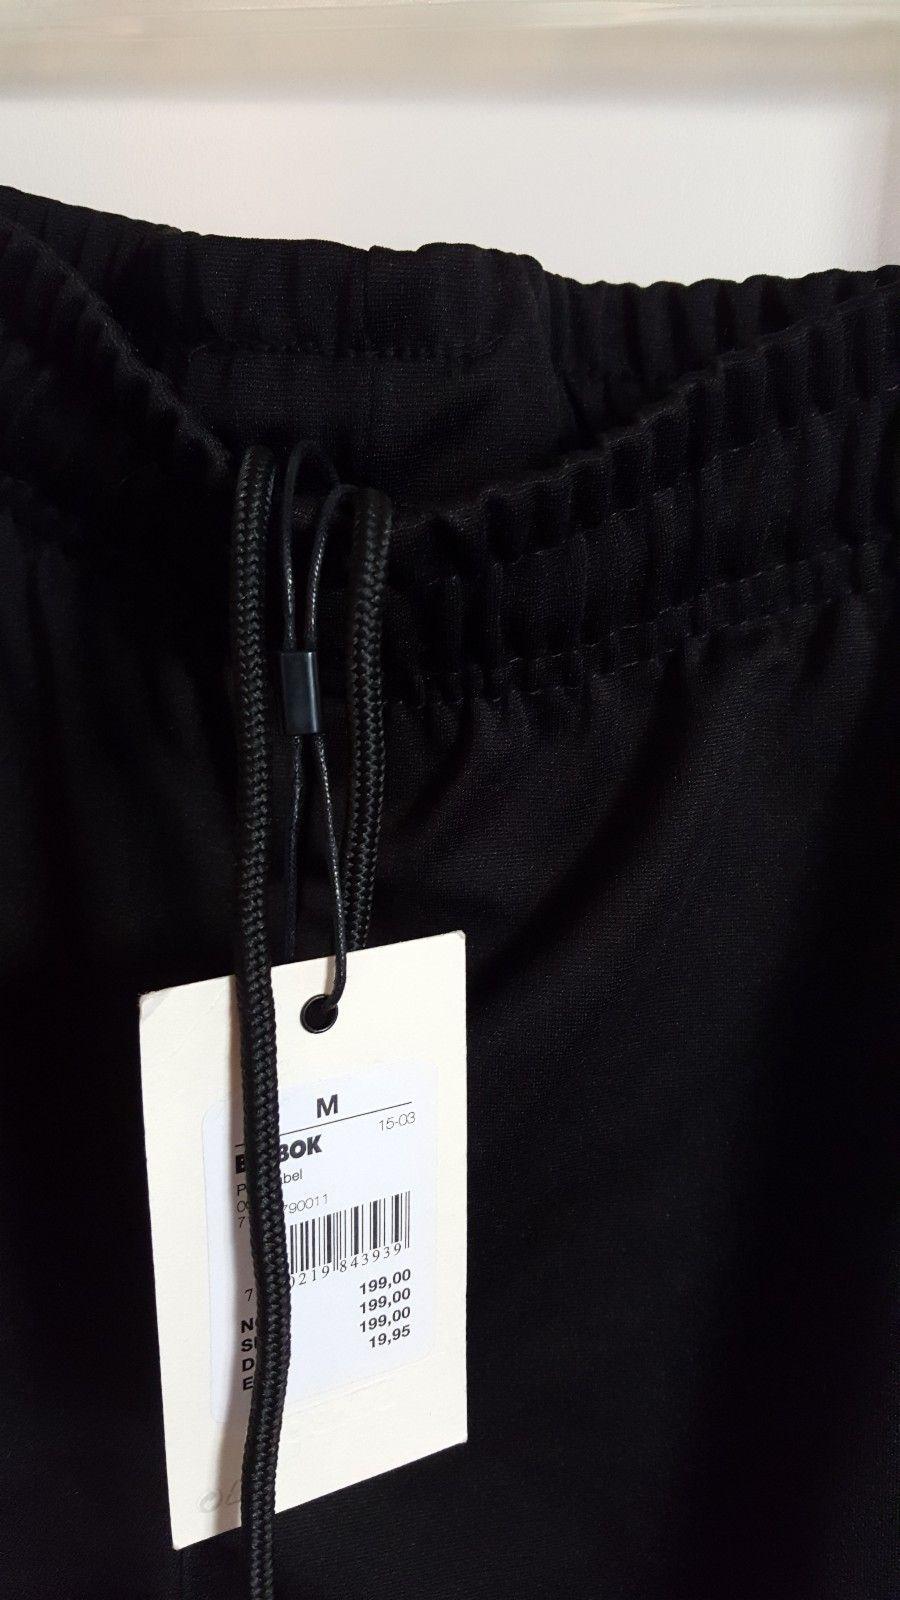 Praktisk fin Sort bukse. Hvite striper på sidene.   FINN.no